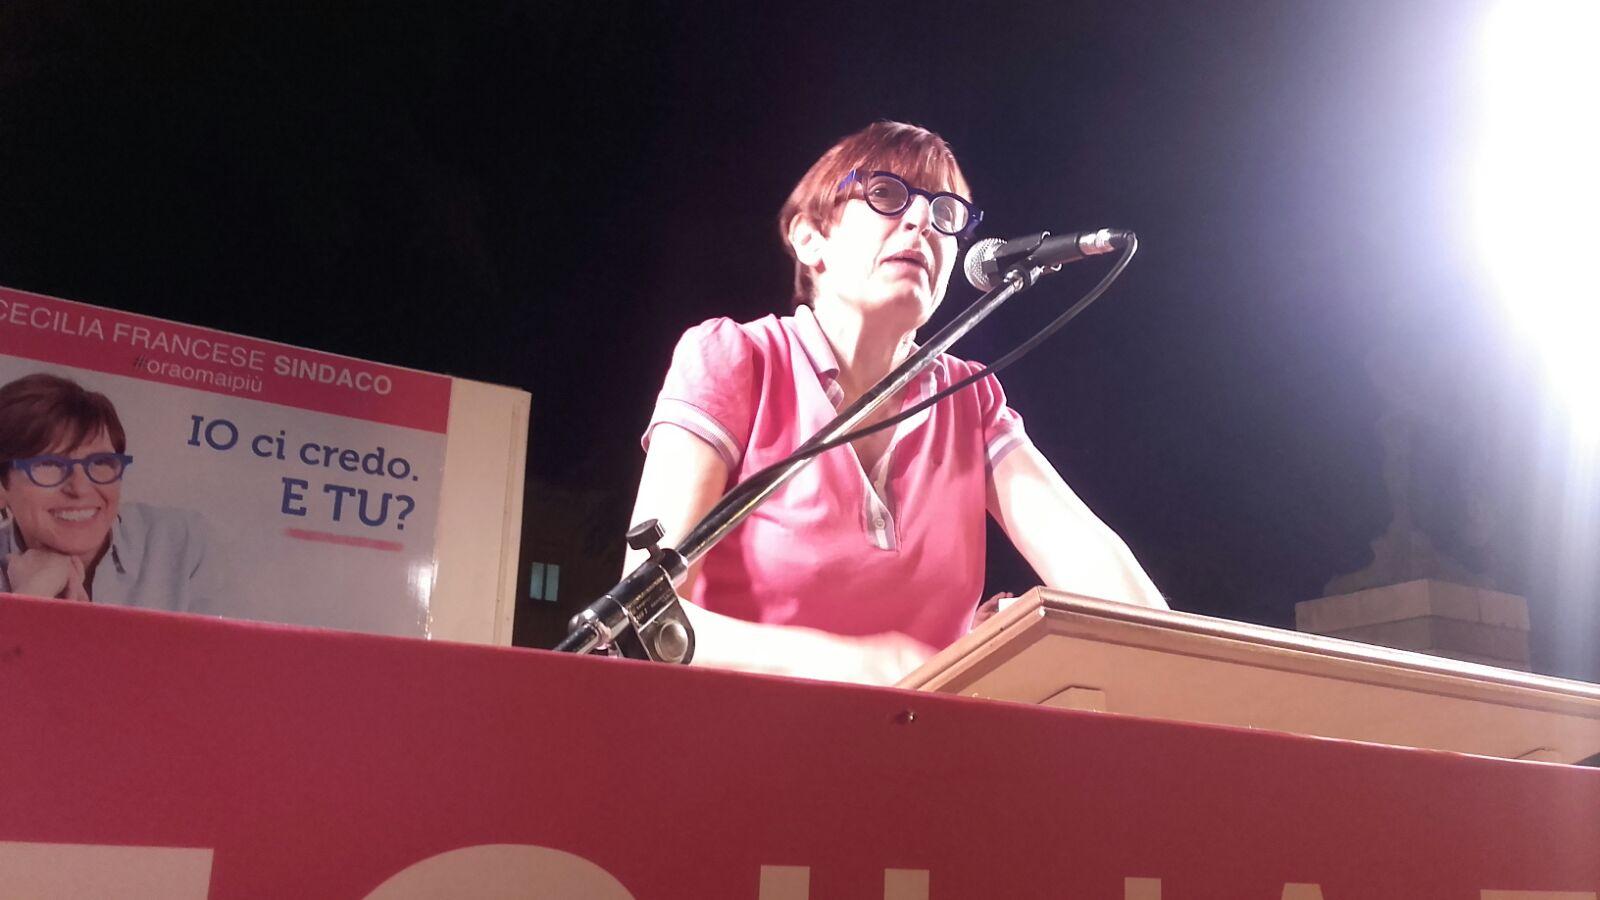 Cecilia Francese-Chiusura-Ballottaggio